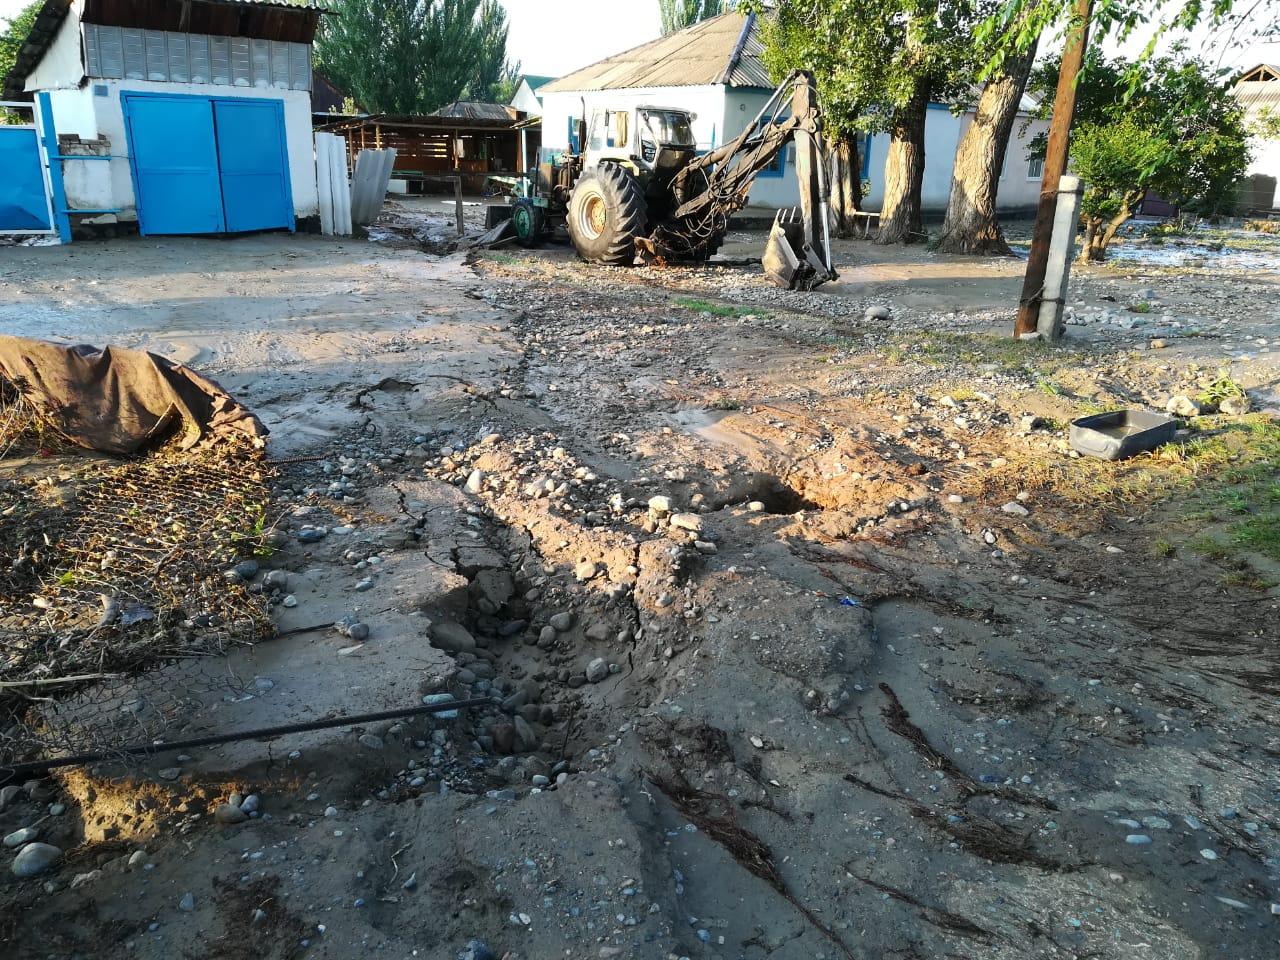 Подтопление домов в селе Пиджим: развернут штаб, на месте работают спасатели